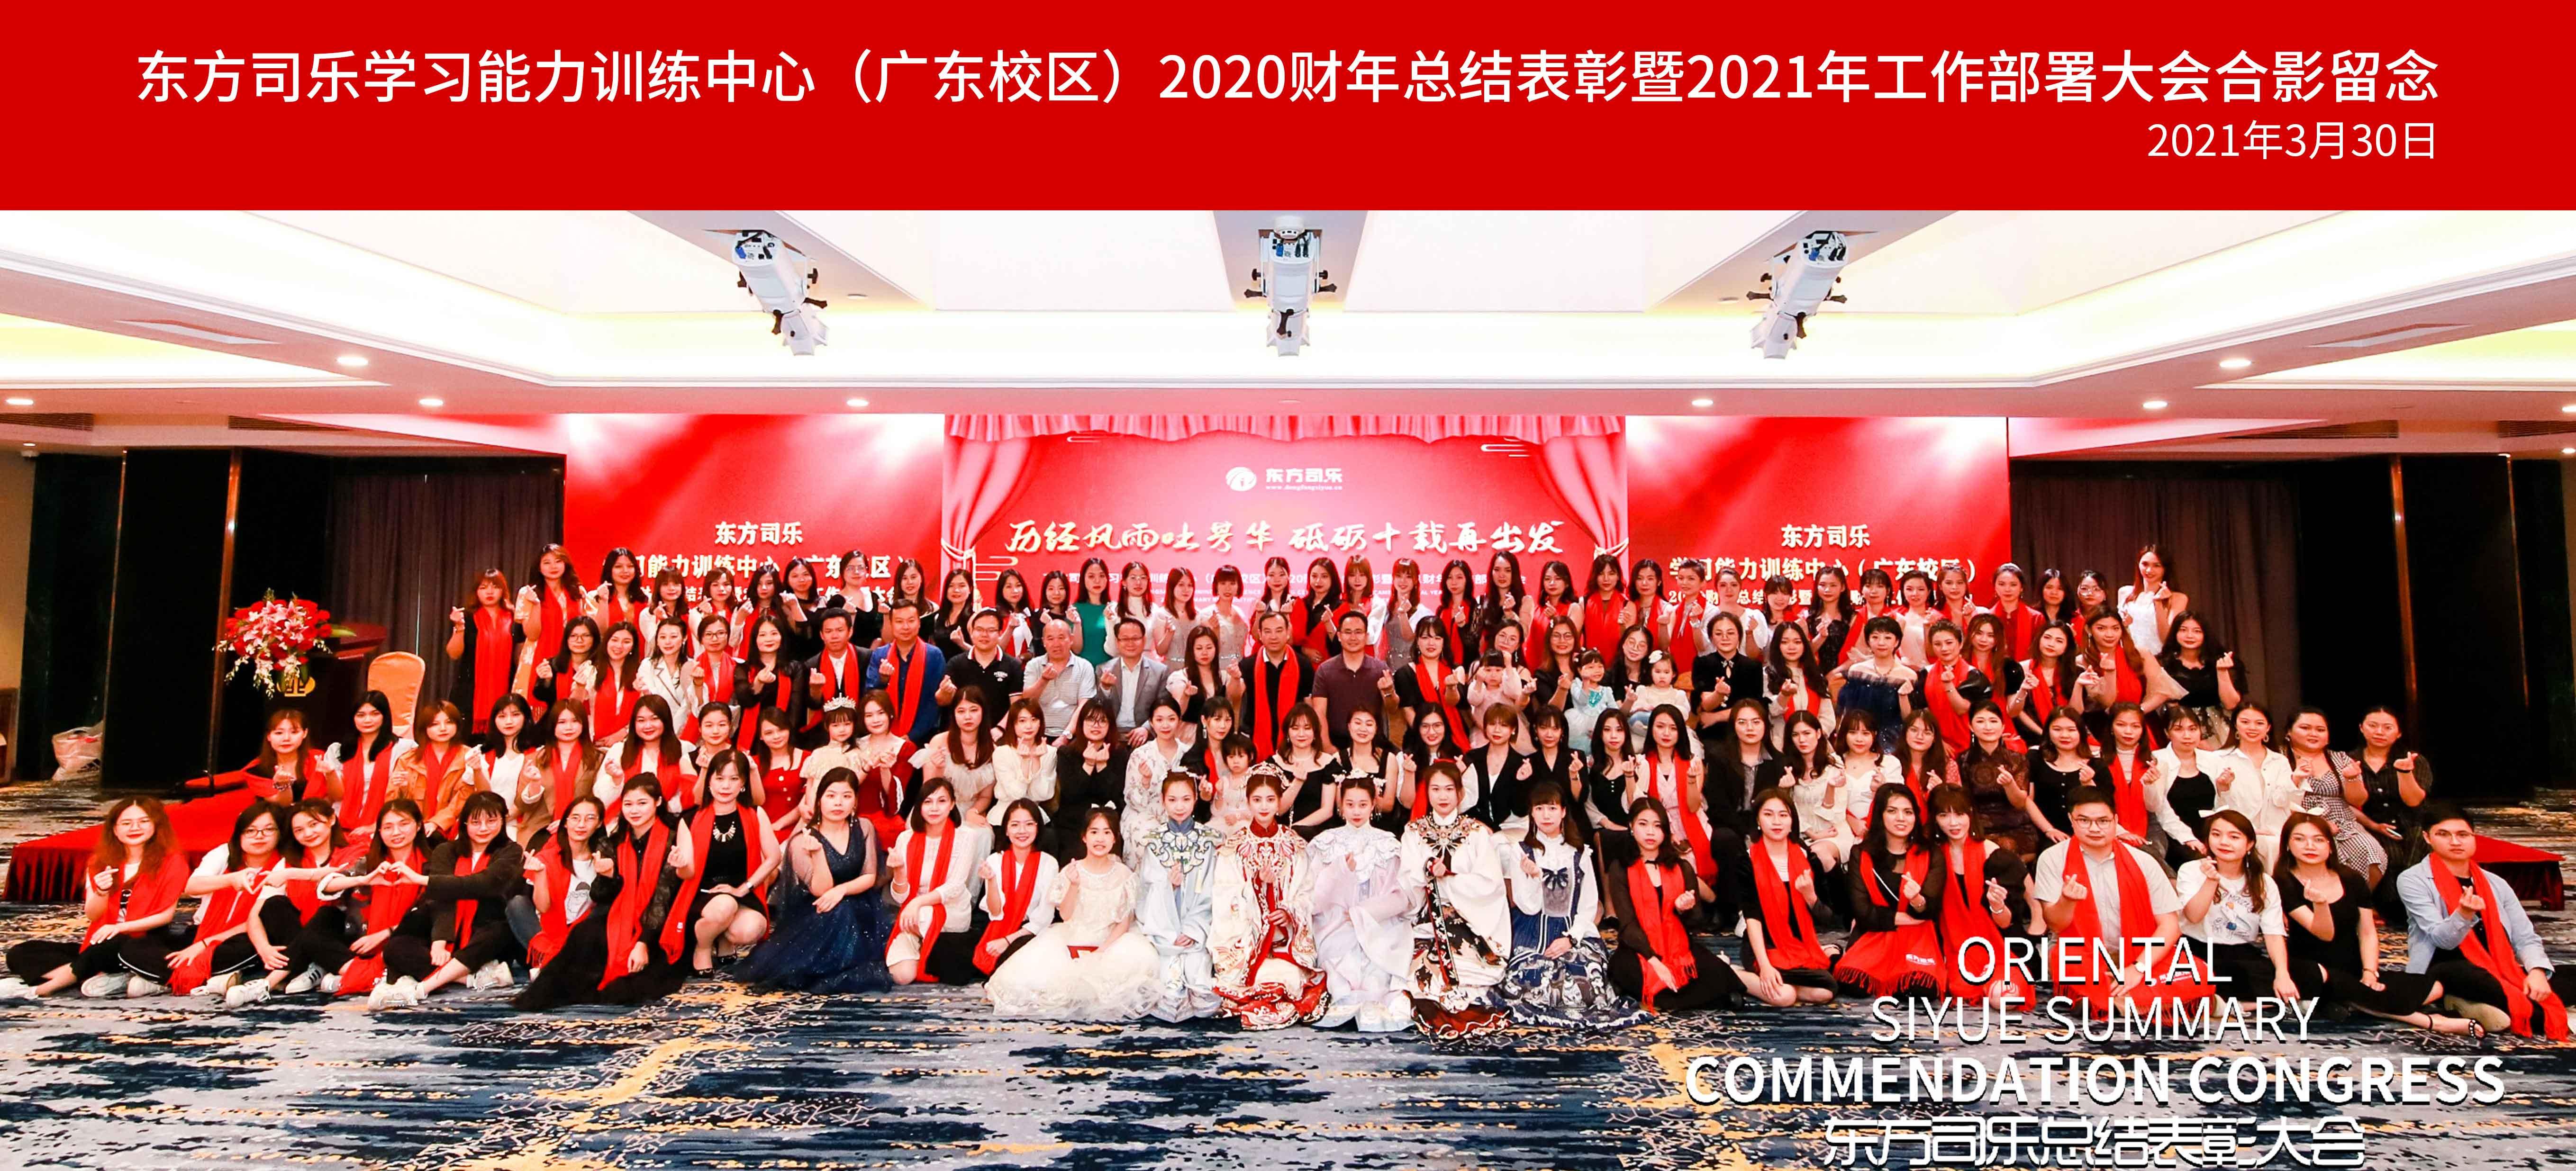 2021年东方司乐学习能力训练中心(广东校区)年会